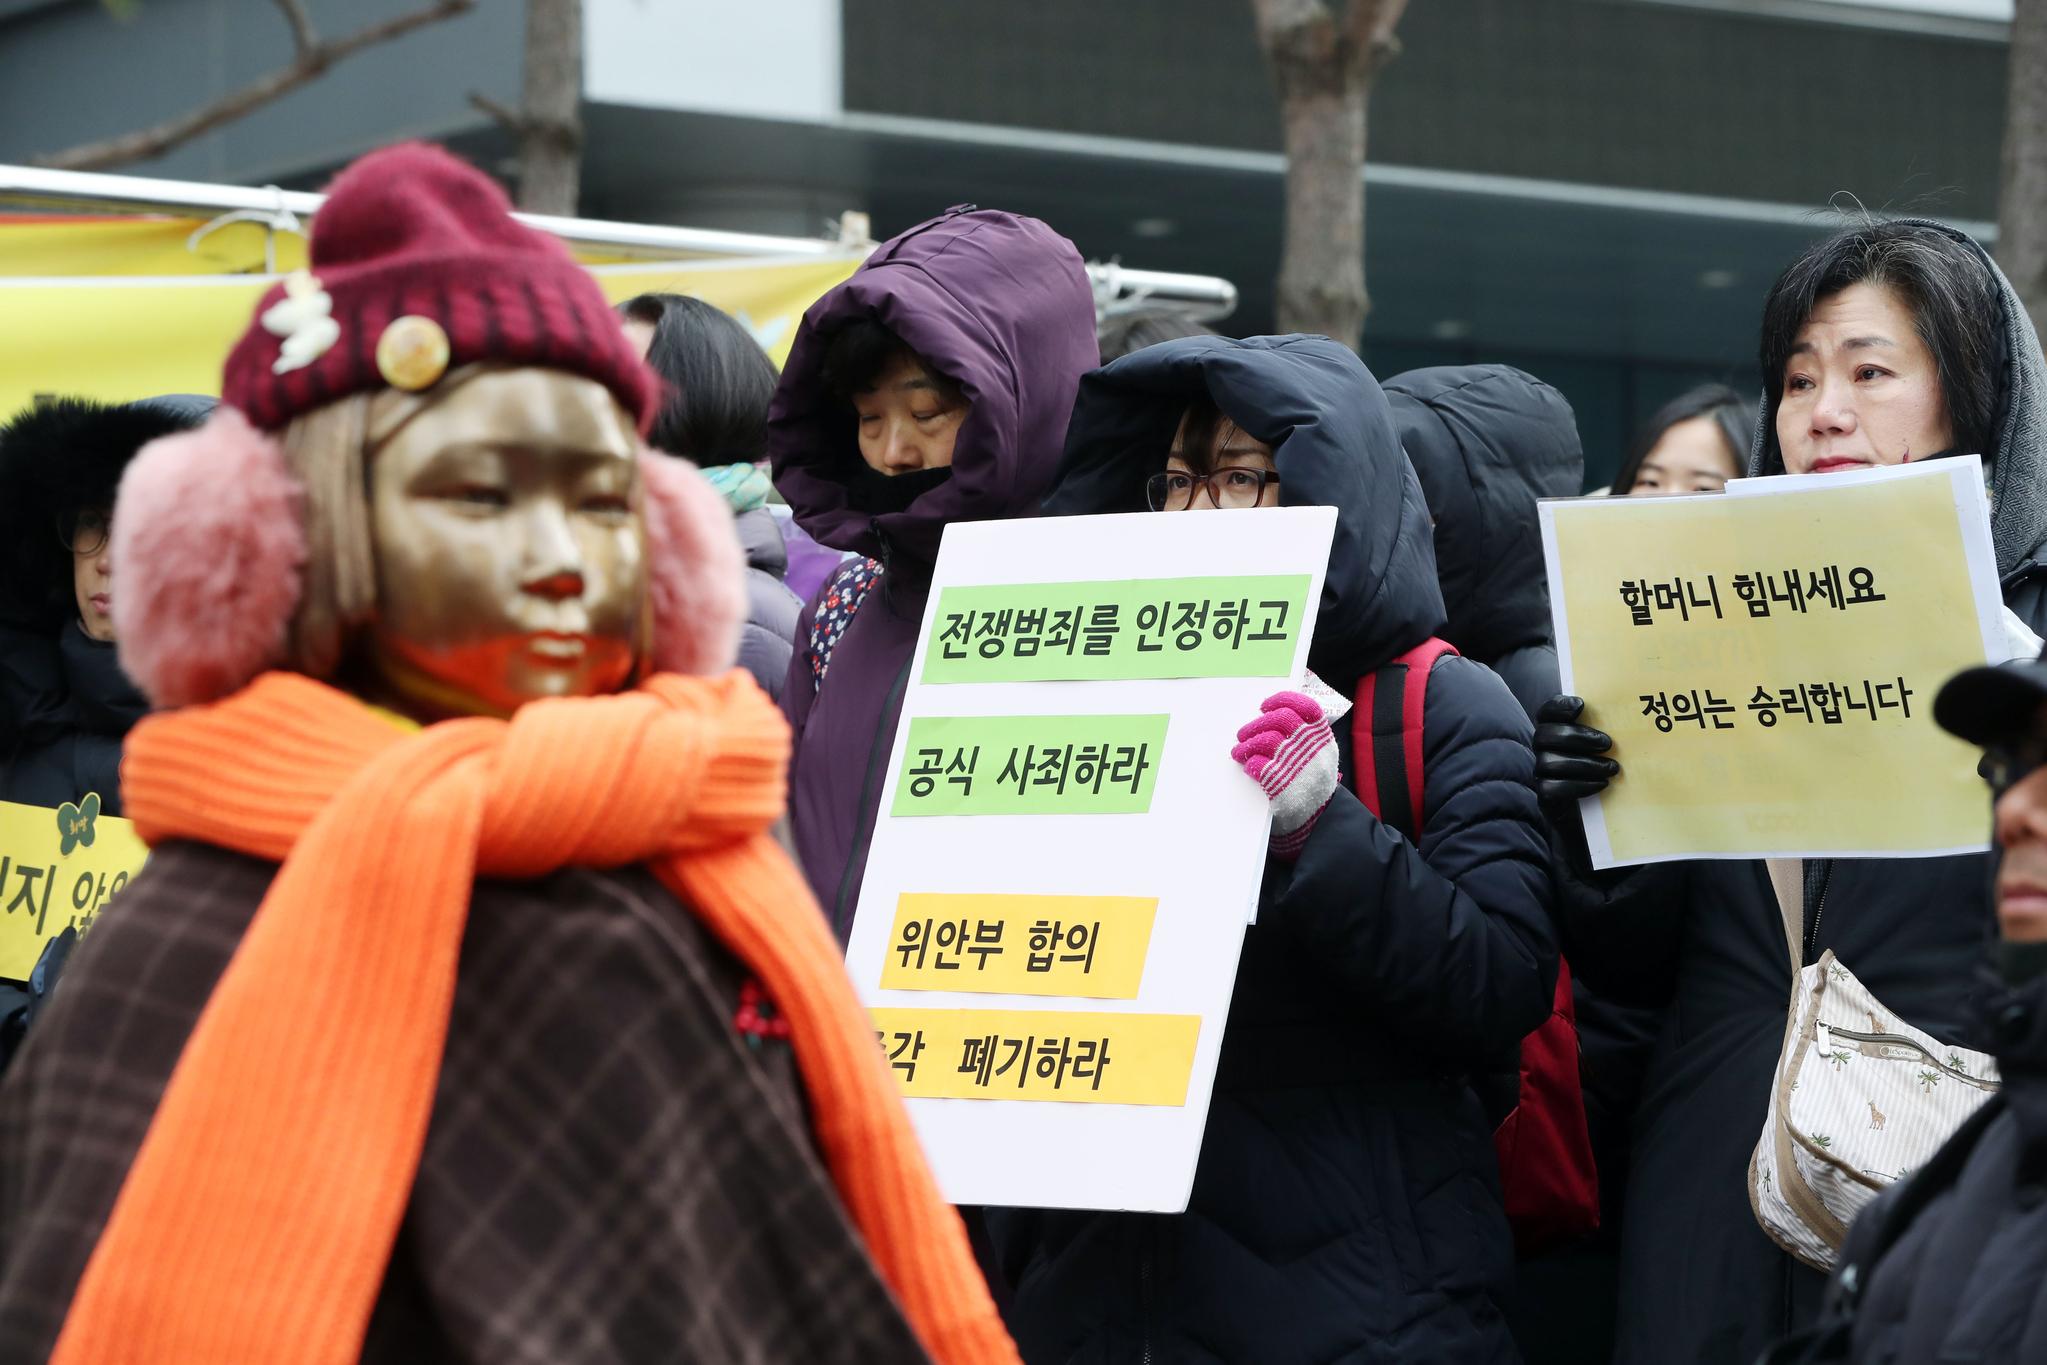 제1314차 일본군성노예제 문제해결을 위한 정기 수요시위가 2017년 12월 20일 오후 서울 종로구 주한 일본대사관 앞 평화로에서 열렸다. 김경록 기자